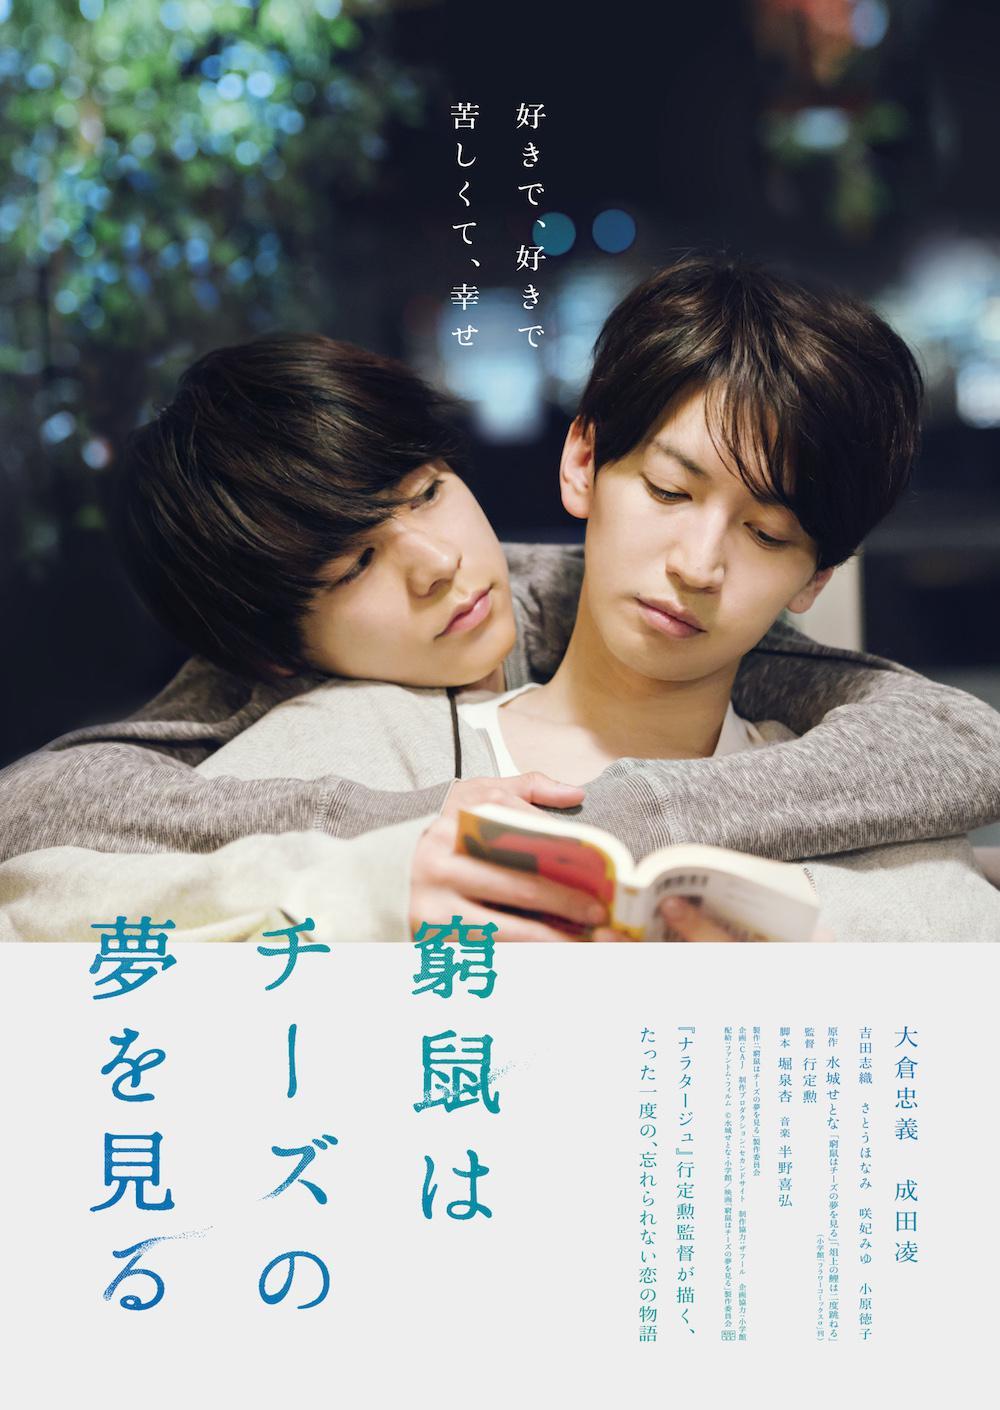 悠悠MP4_MP4电影下载_[穷途鼠的奶酪梦][BD-MKV/5.45GB][繁体字幕][1080P][同性,日本,日本电影,爱情,漫改]